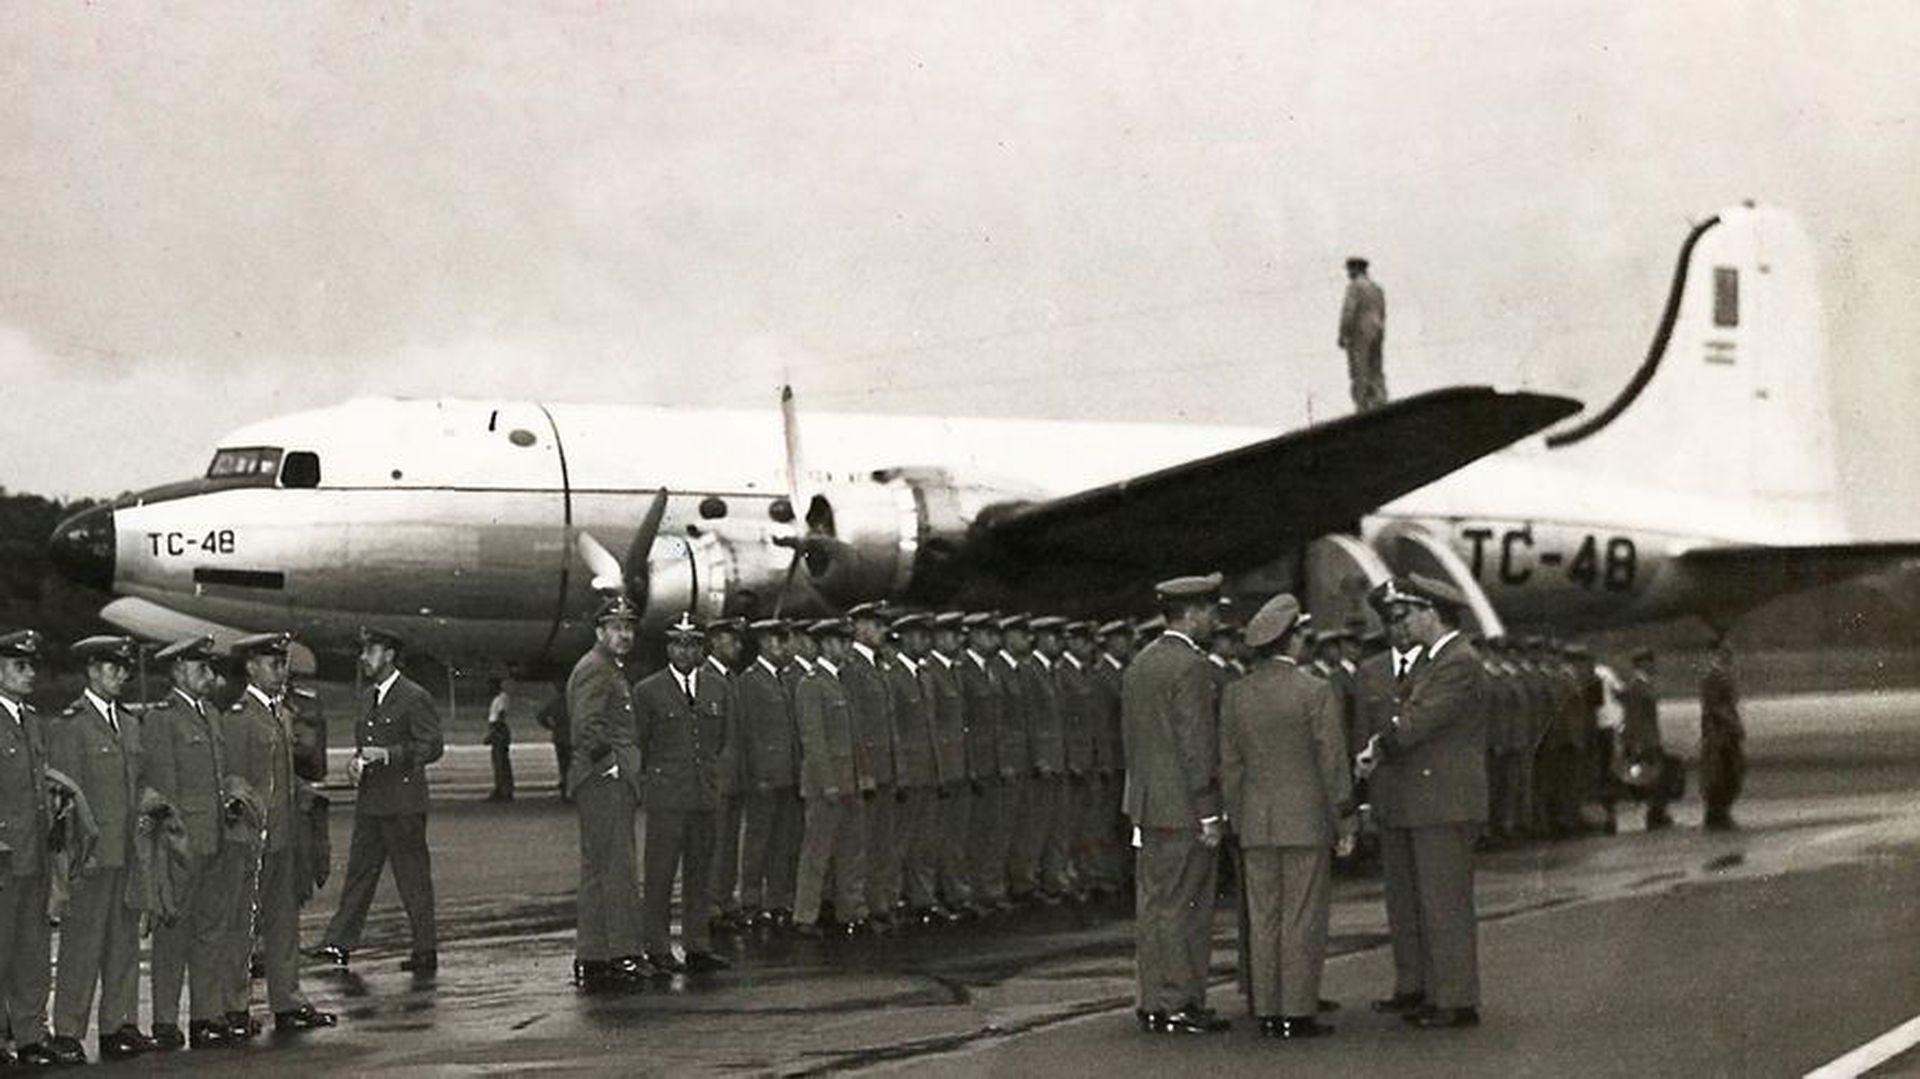 El TC-48 había tenido problemas de fuego en uno de sus motores antes de partir